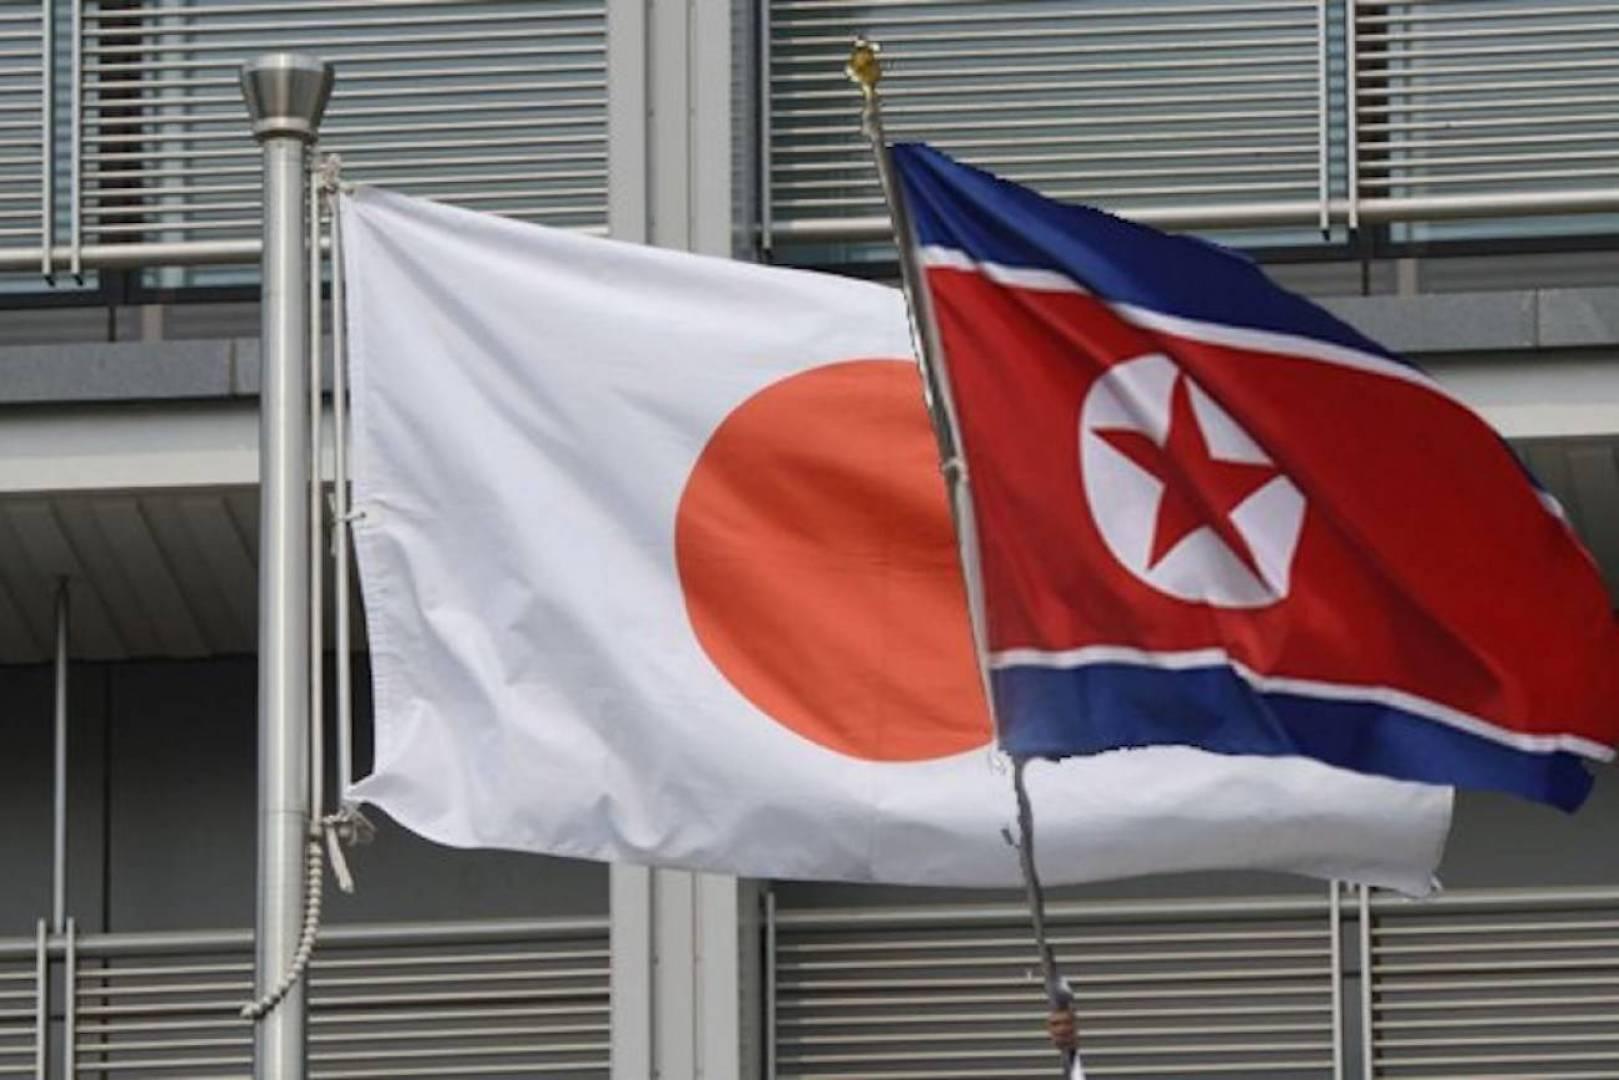 سول: تعيين كوريا الشمالية لوزير خارجية جديد عملية مبشرة